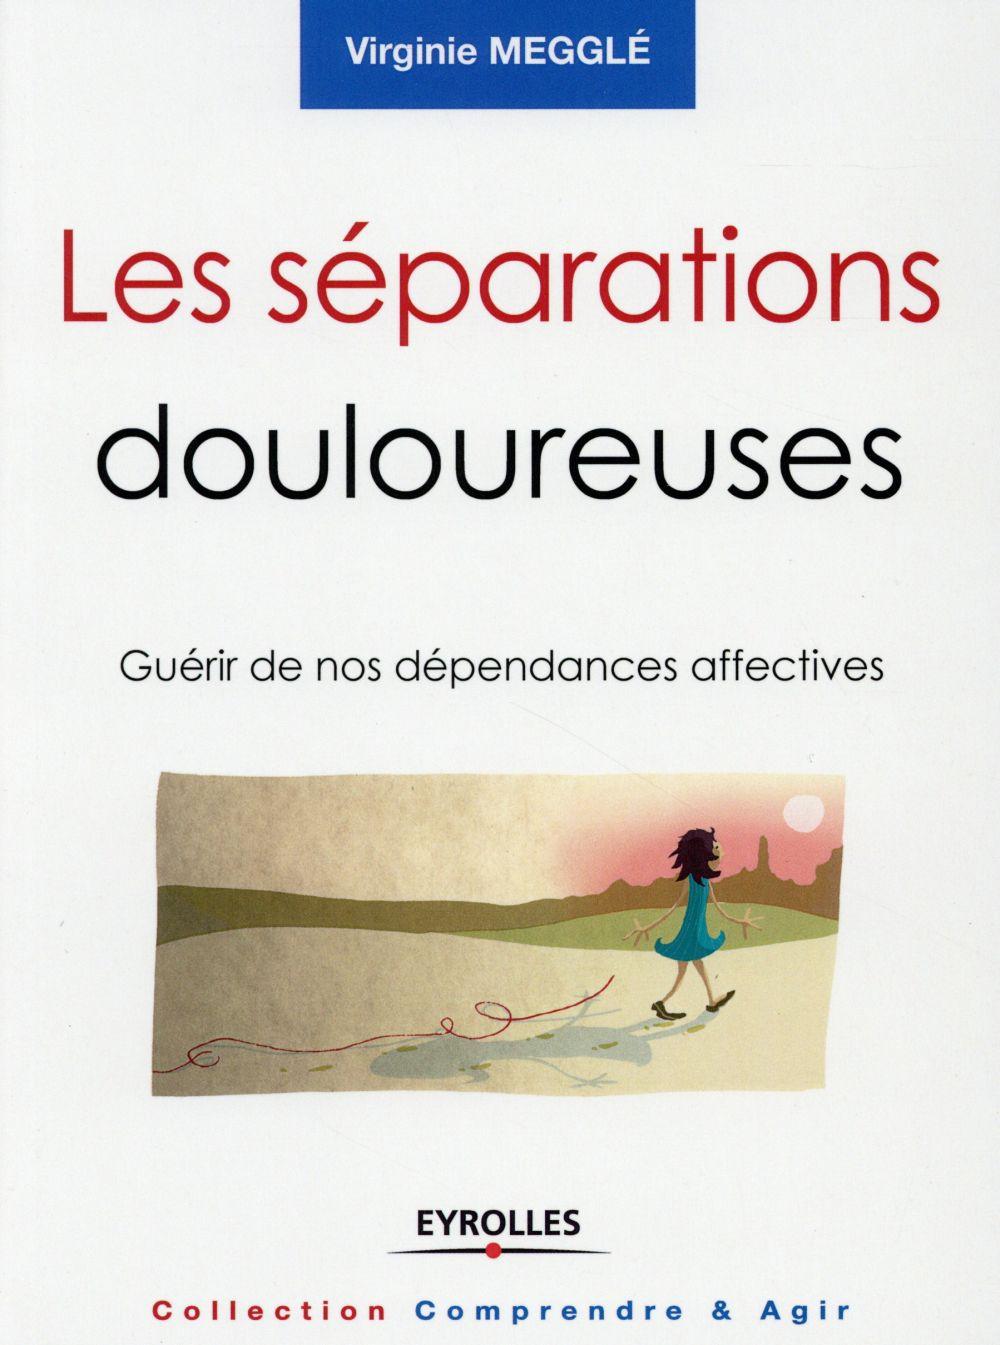 LES SEPARATIONS DOULOUREUSES - GUERIR DE NOS DEPENDANCES AFFECTIVES.